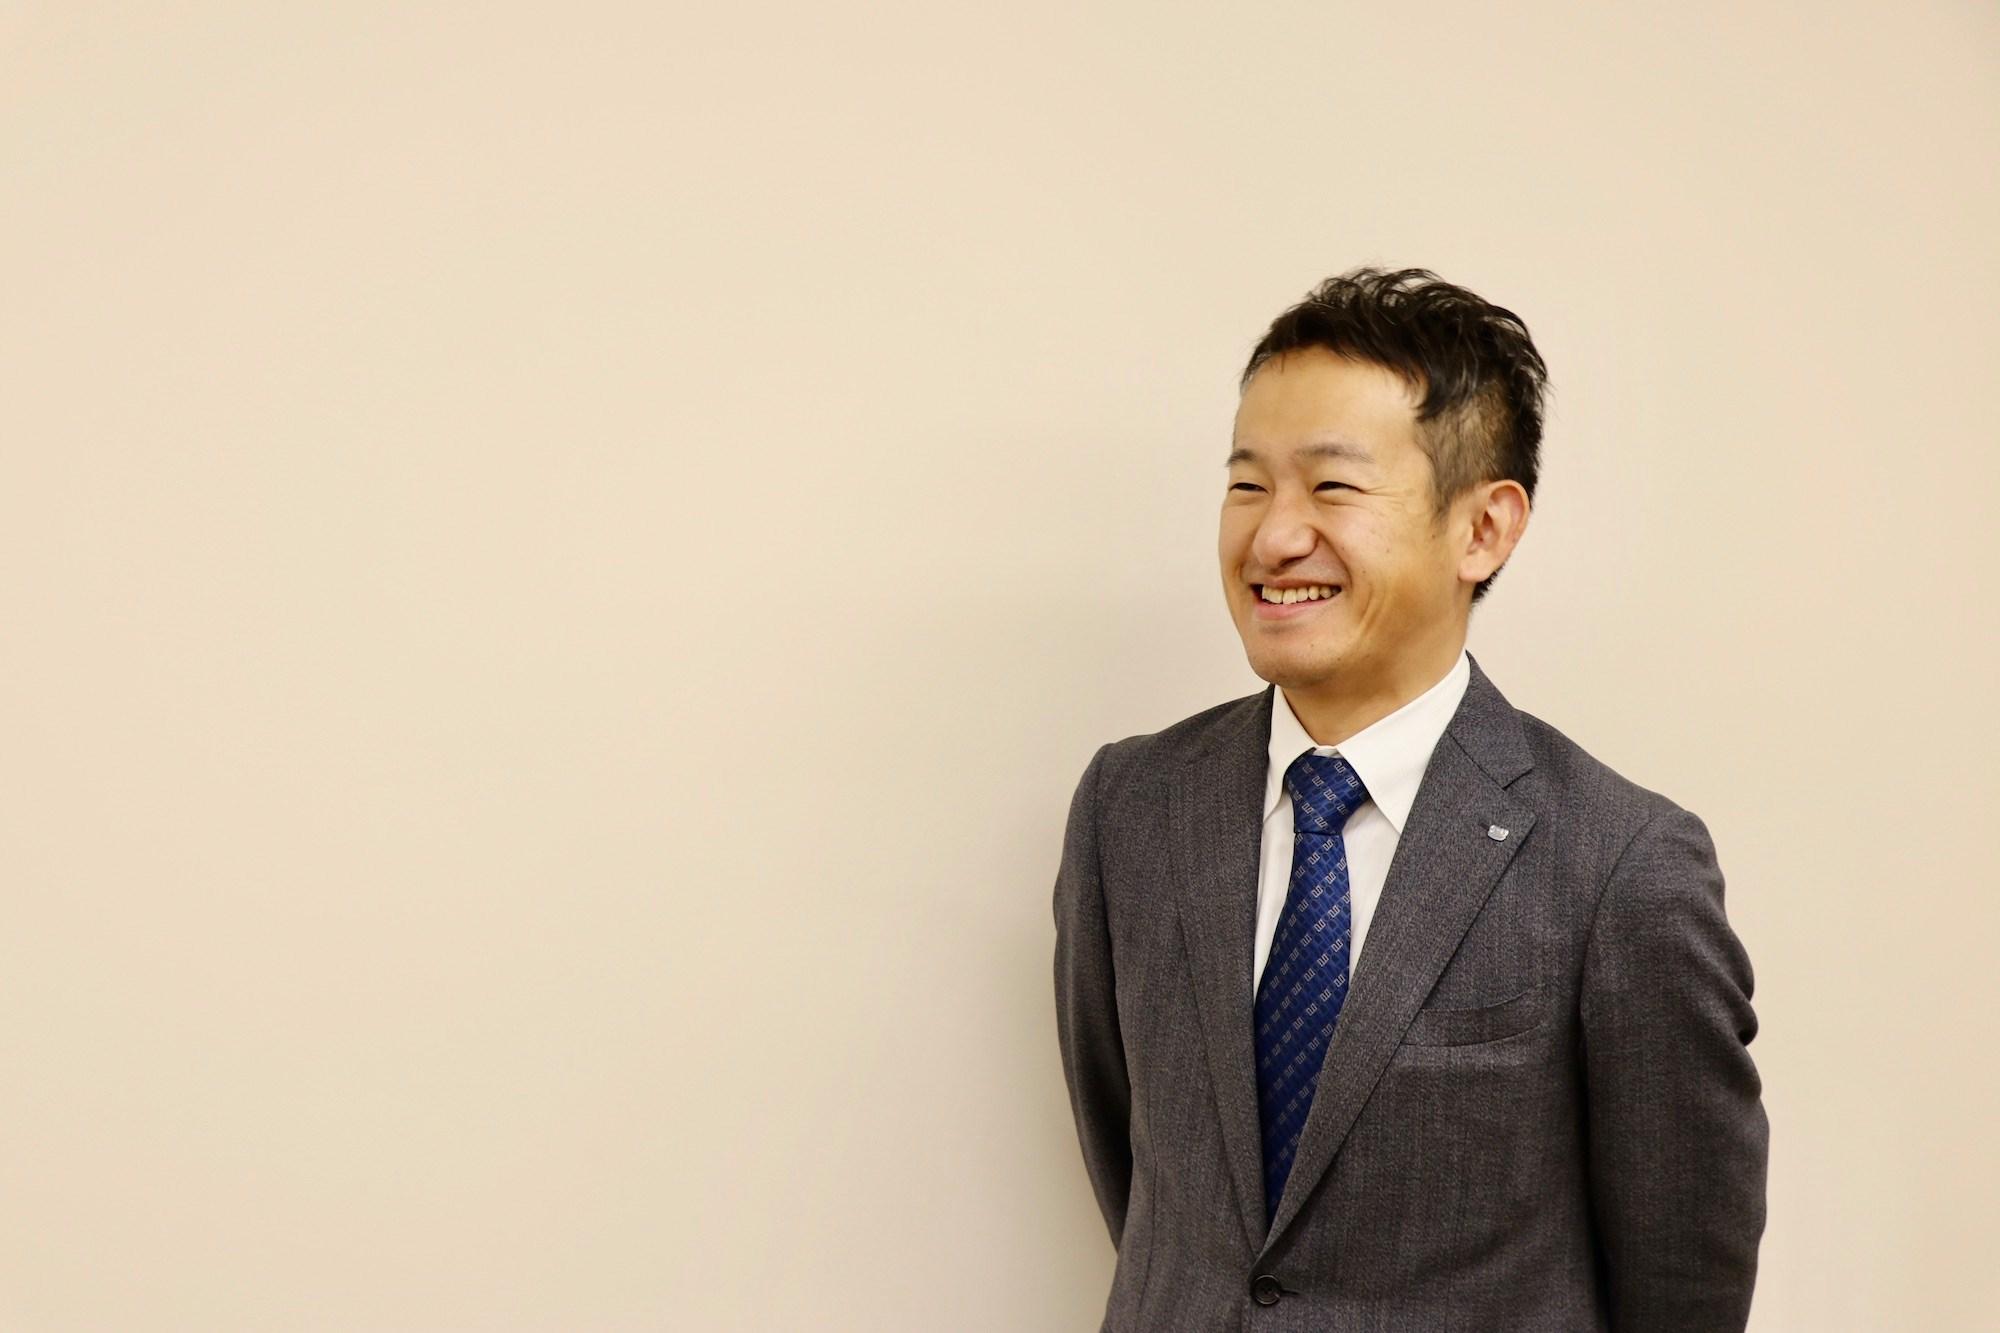 公益社団法人中野青年会議所 2020年度理事長 丸谷 繁弘